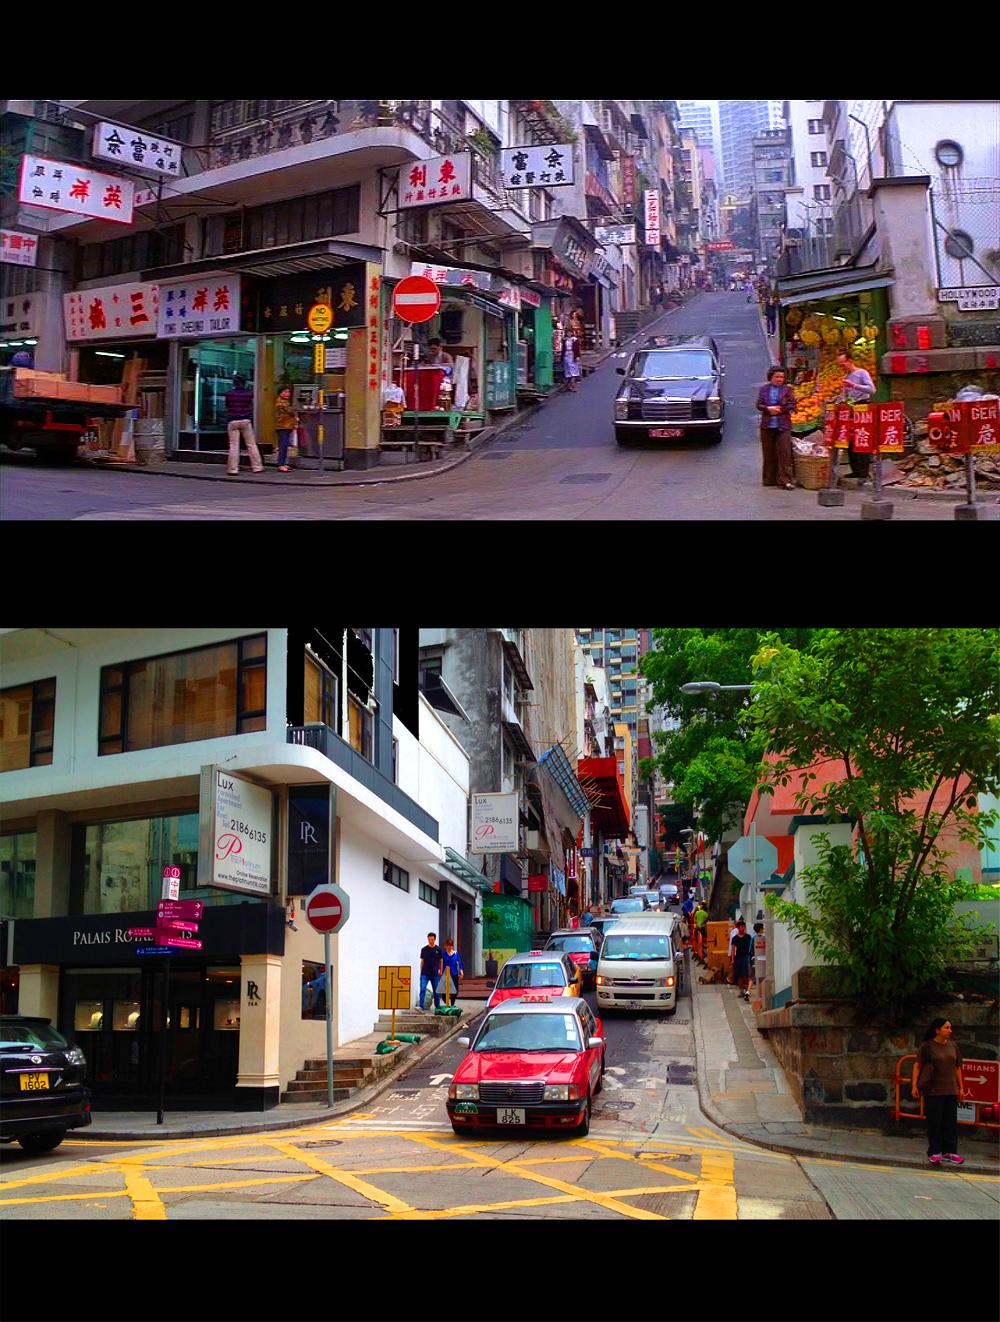 pmq hk address 35 aberdeen street hong kong night market